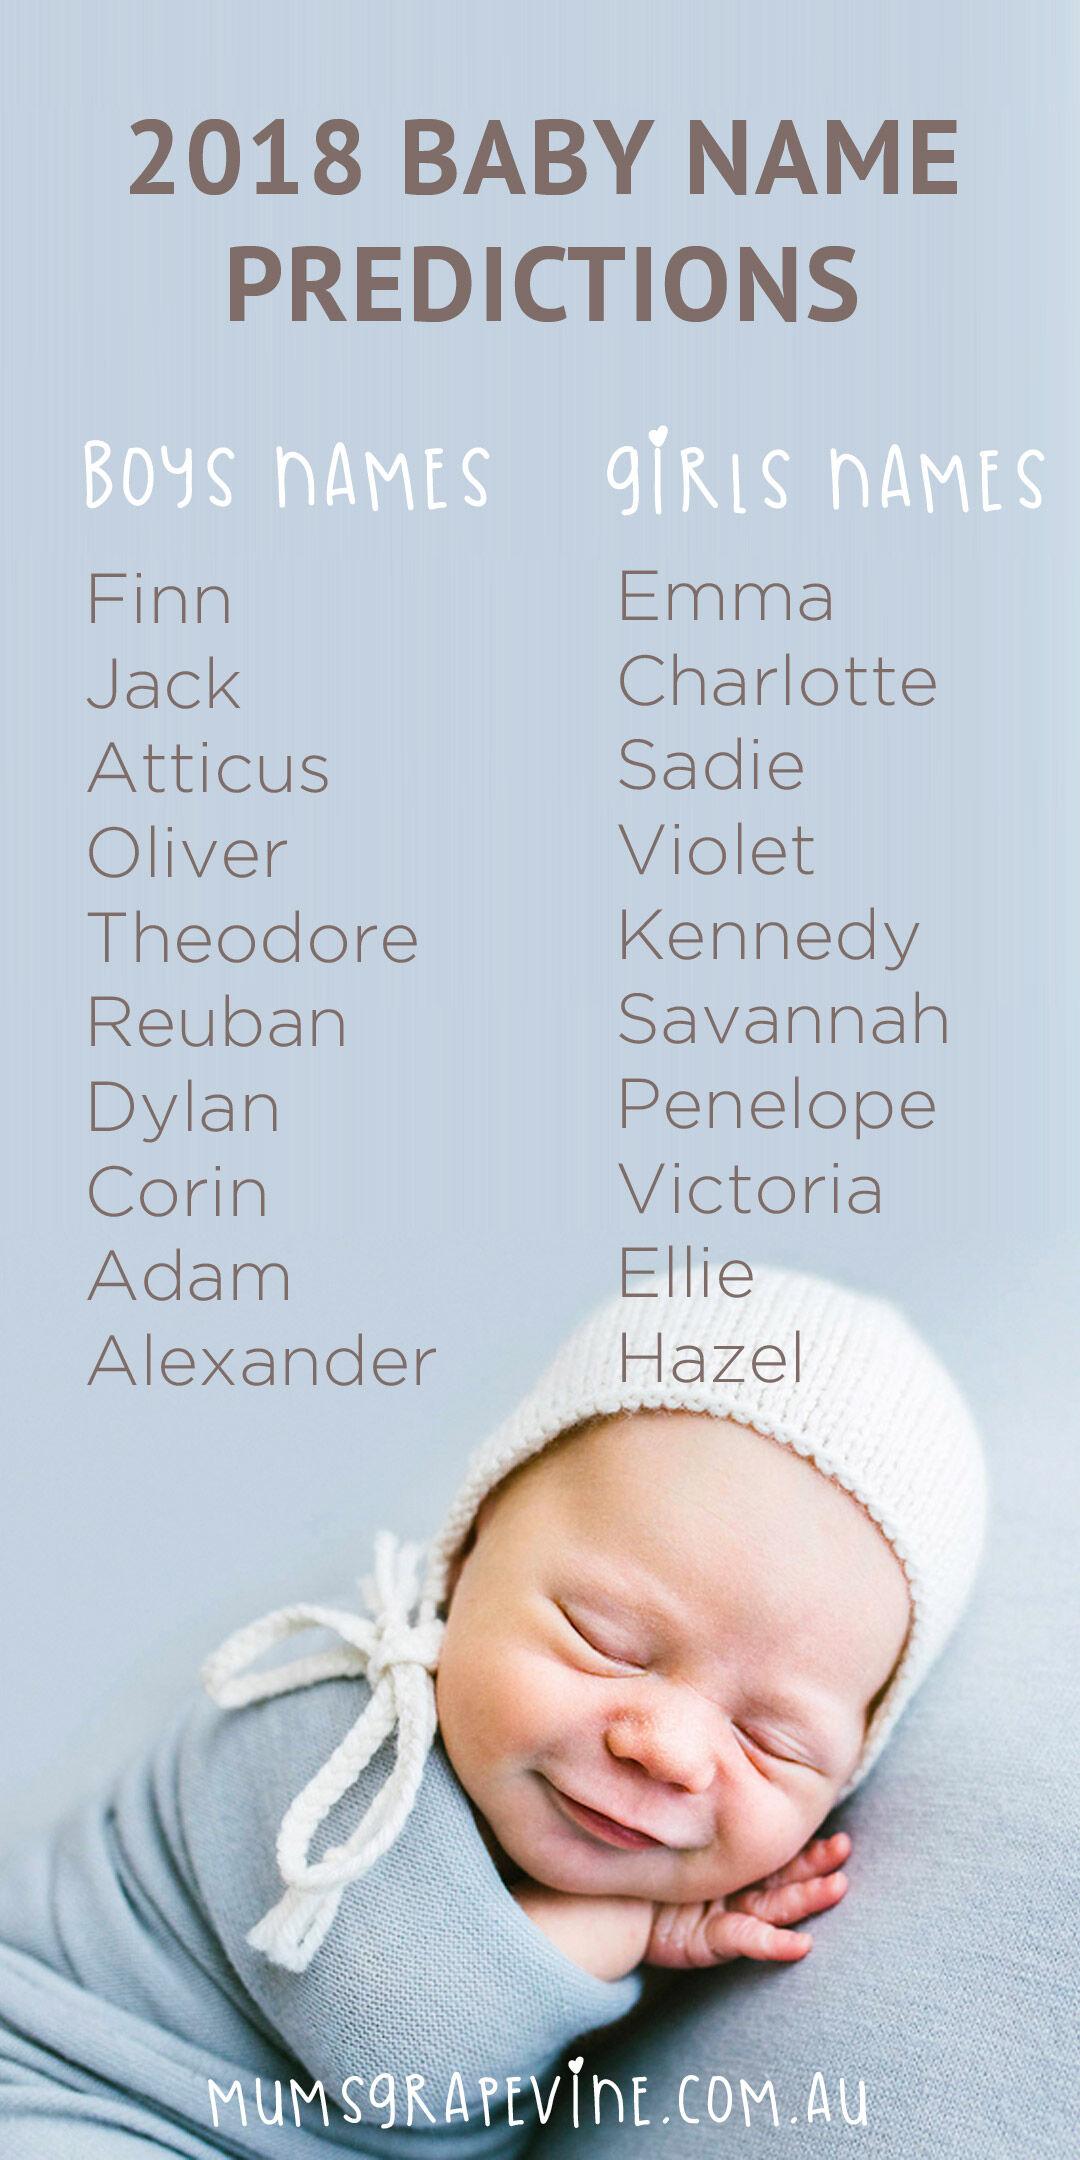 Pin 2018 Baby Name Predictions